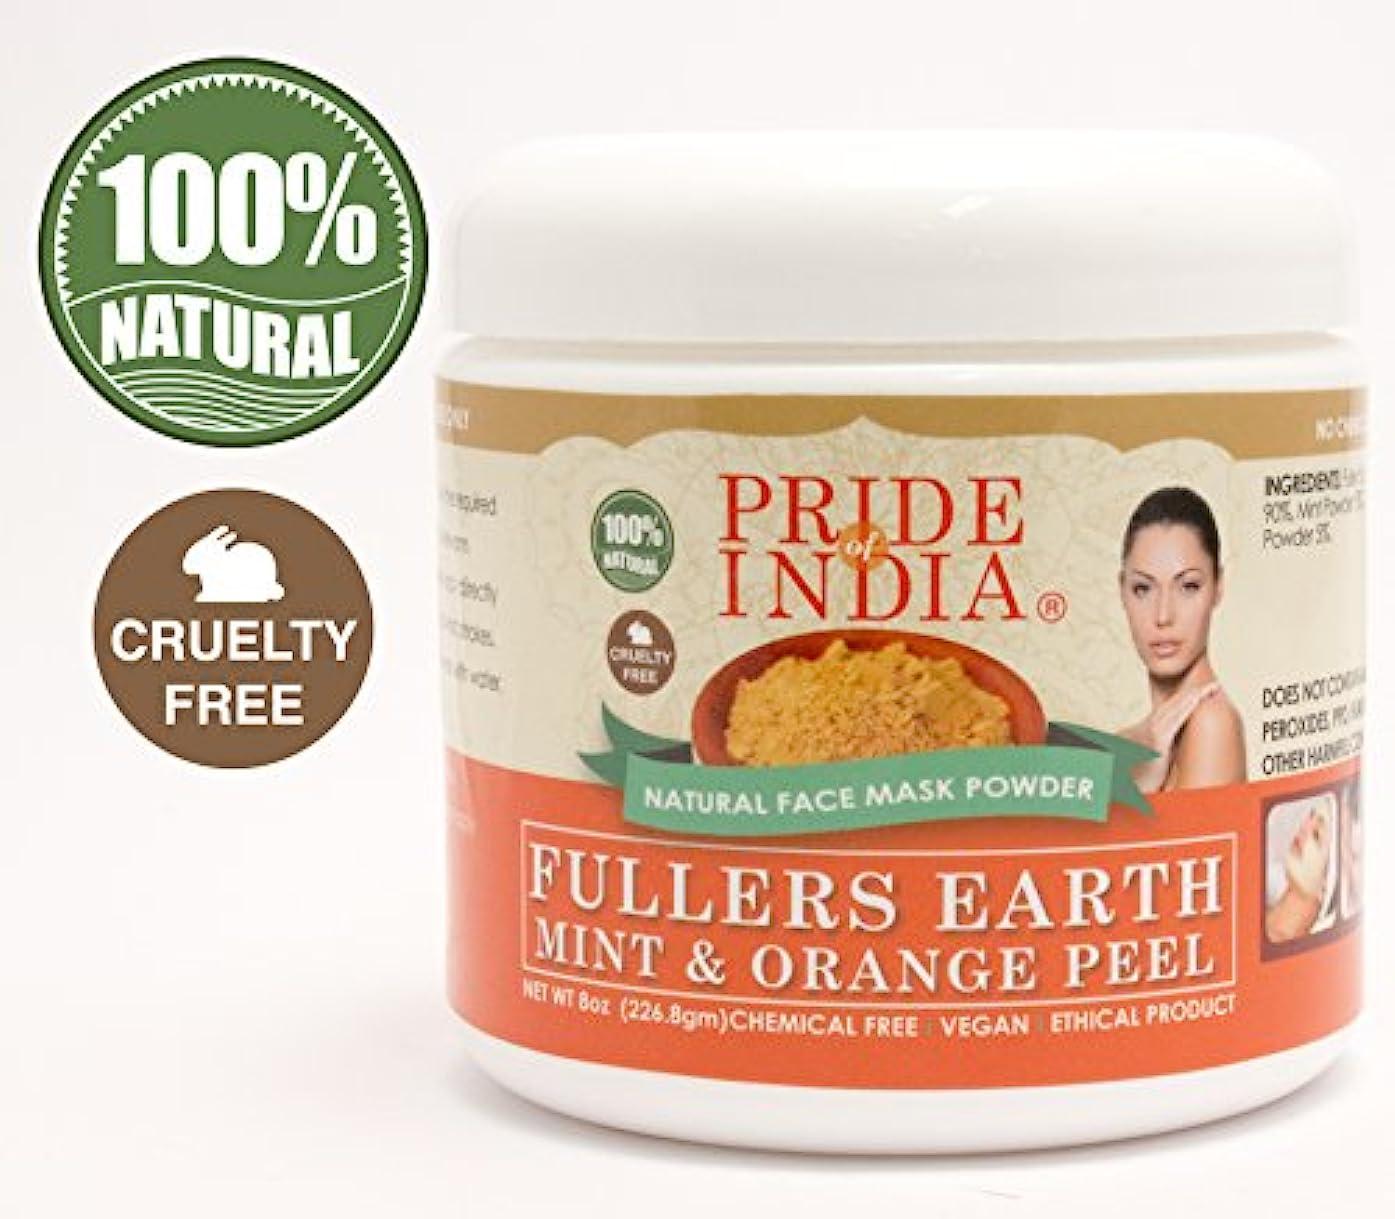 バイナリシャックル最適Pride Of India/ミントとオレンジピール、半ポンドジャーワットフラー土ディープクレンジングインドの粘土治癒フェイスマスクパウダー、自然